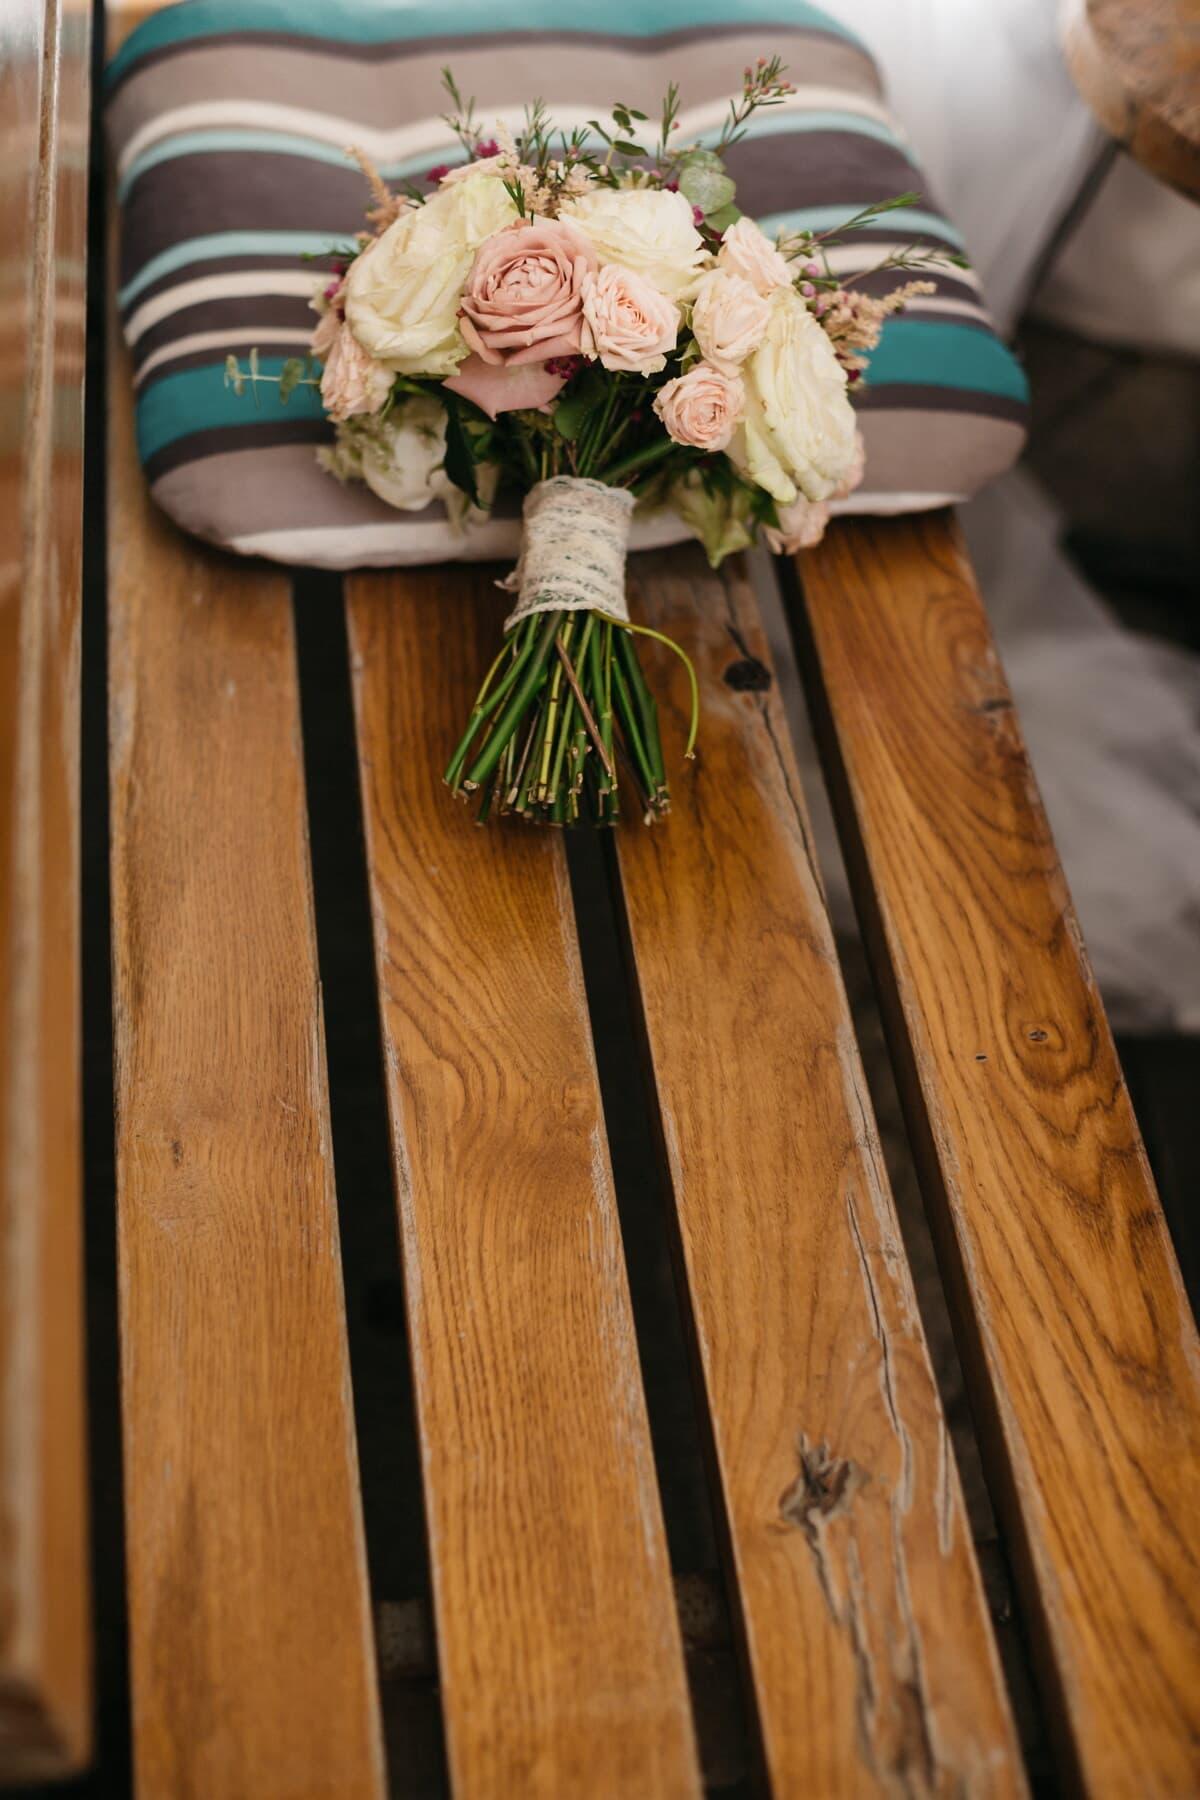 banc, en bois, oreiller, bouquet, vintage, des roses, romantique, bois, Design d'intérieur, nature